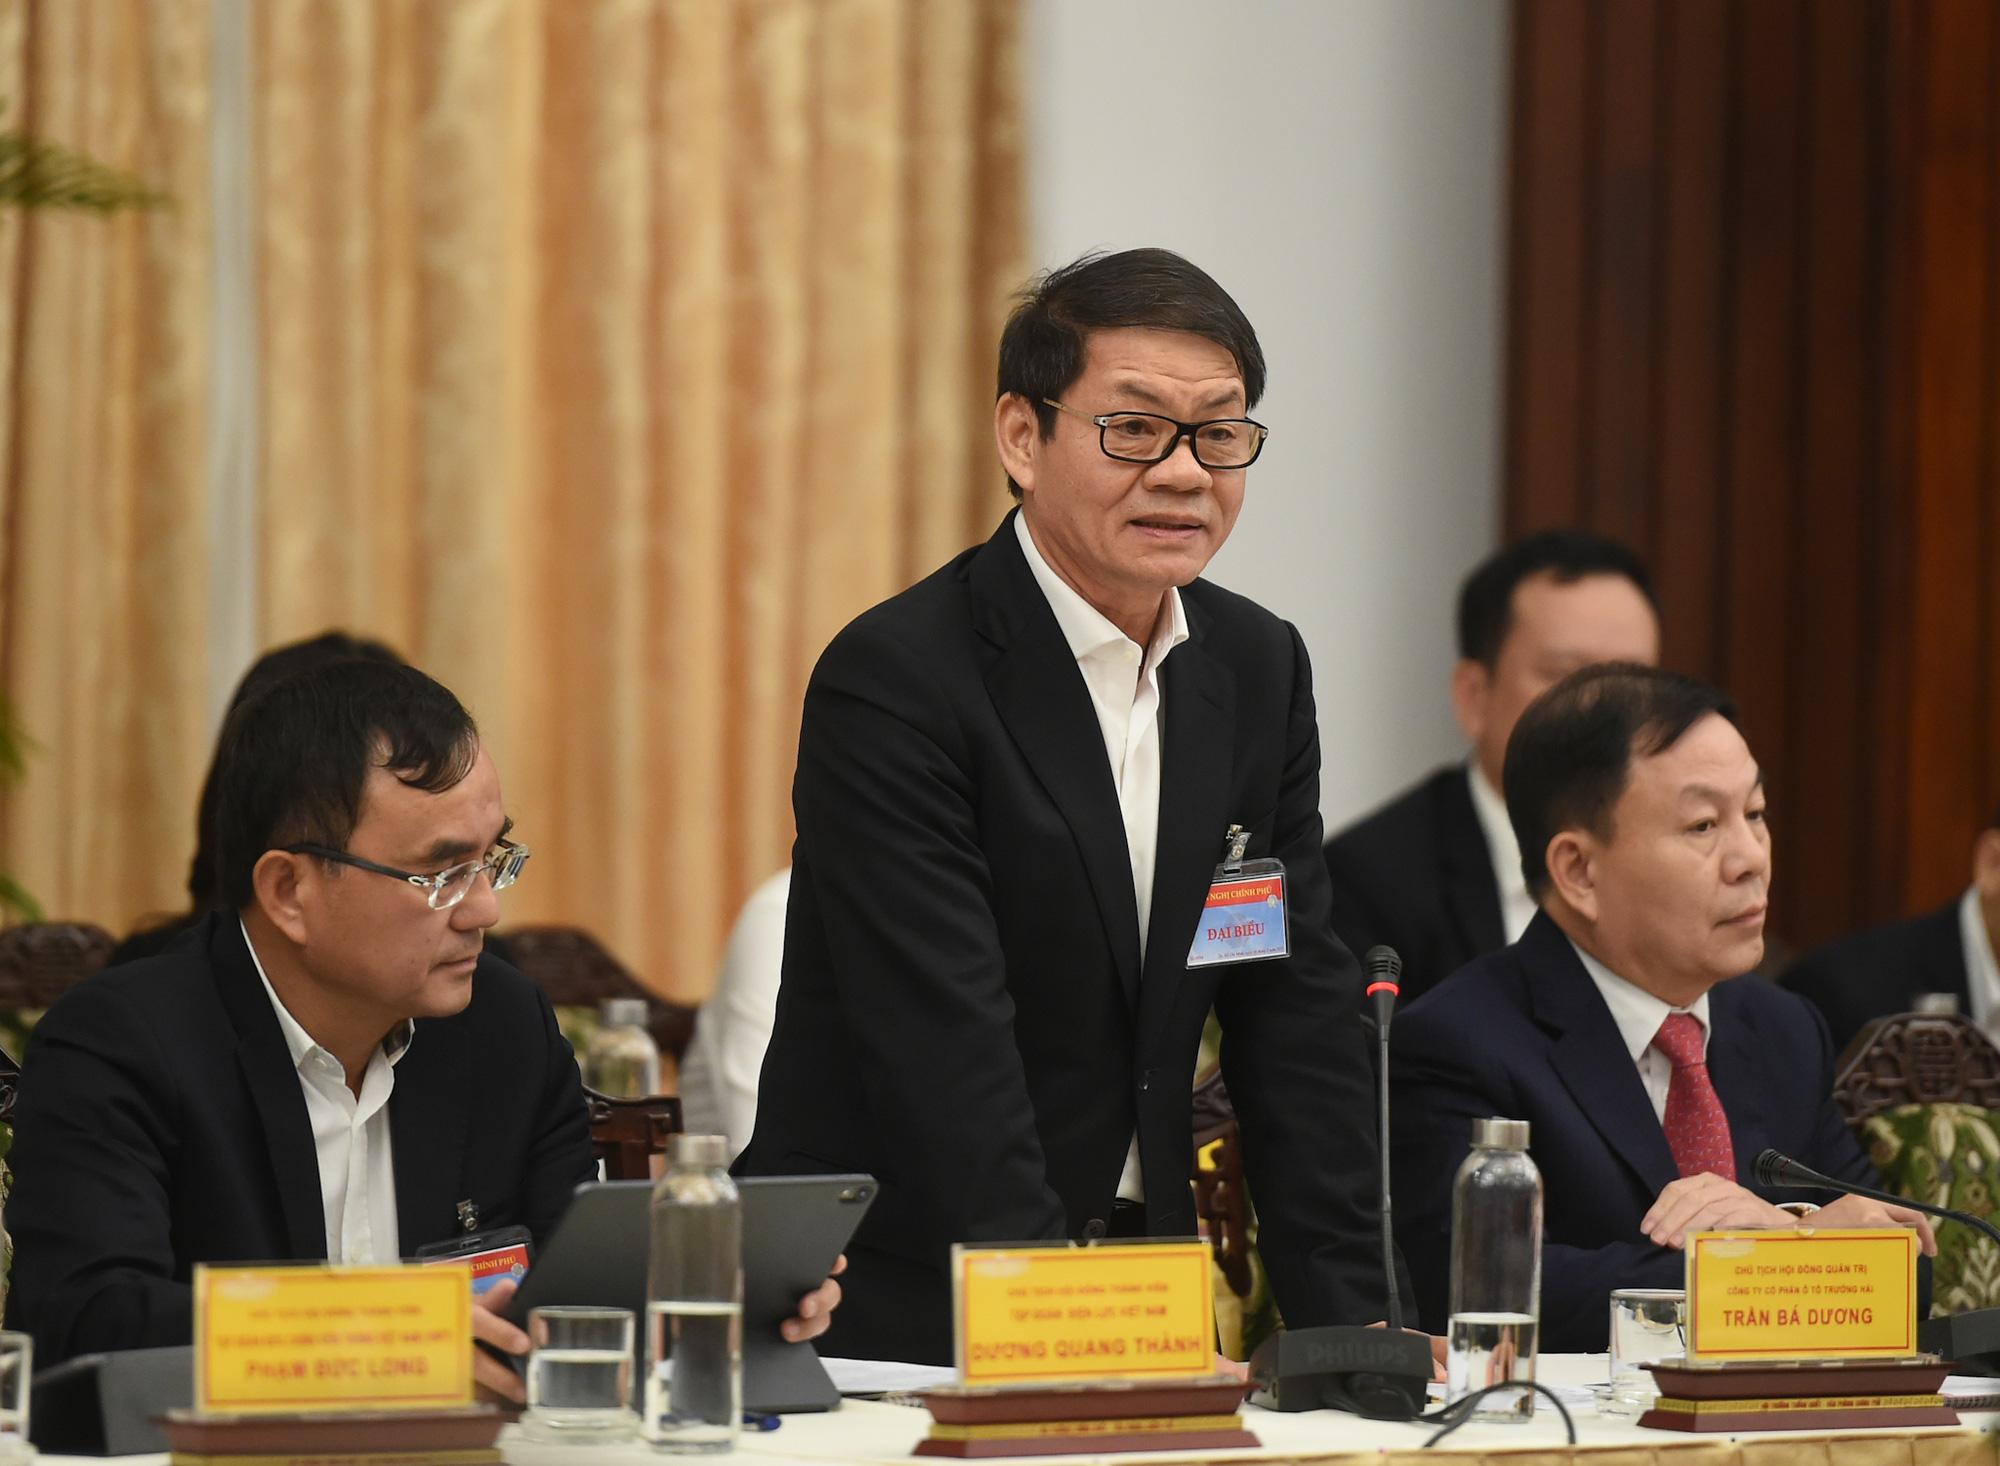 Tỷ phú Trần Bá Dương: DN có gánh nặng rất lớn về doanh thu, bởi đằng sau đó còn là hàng nghìn người lao động - Ảnh 1.